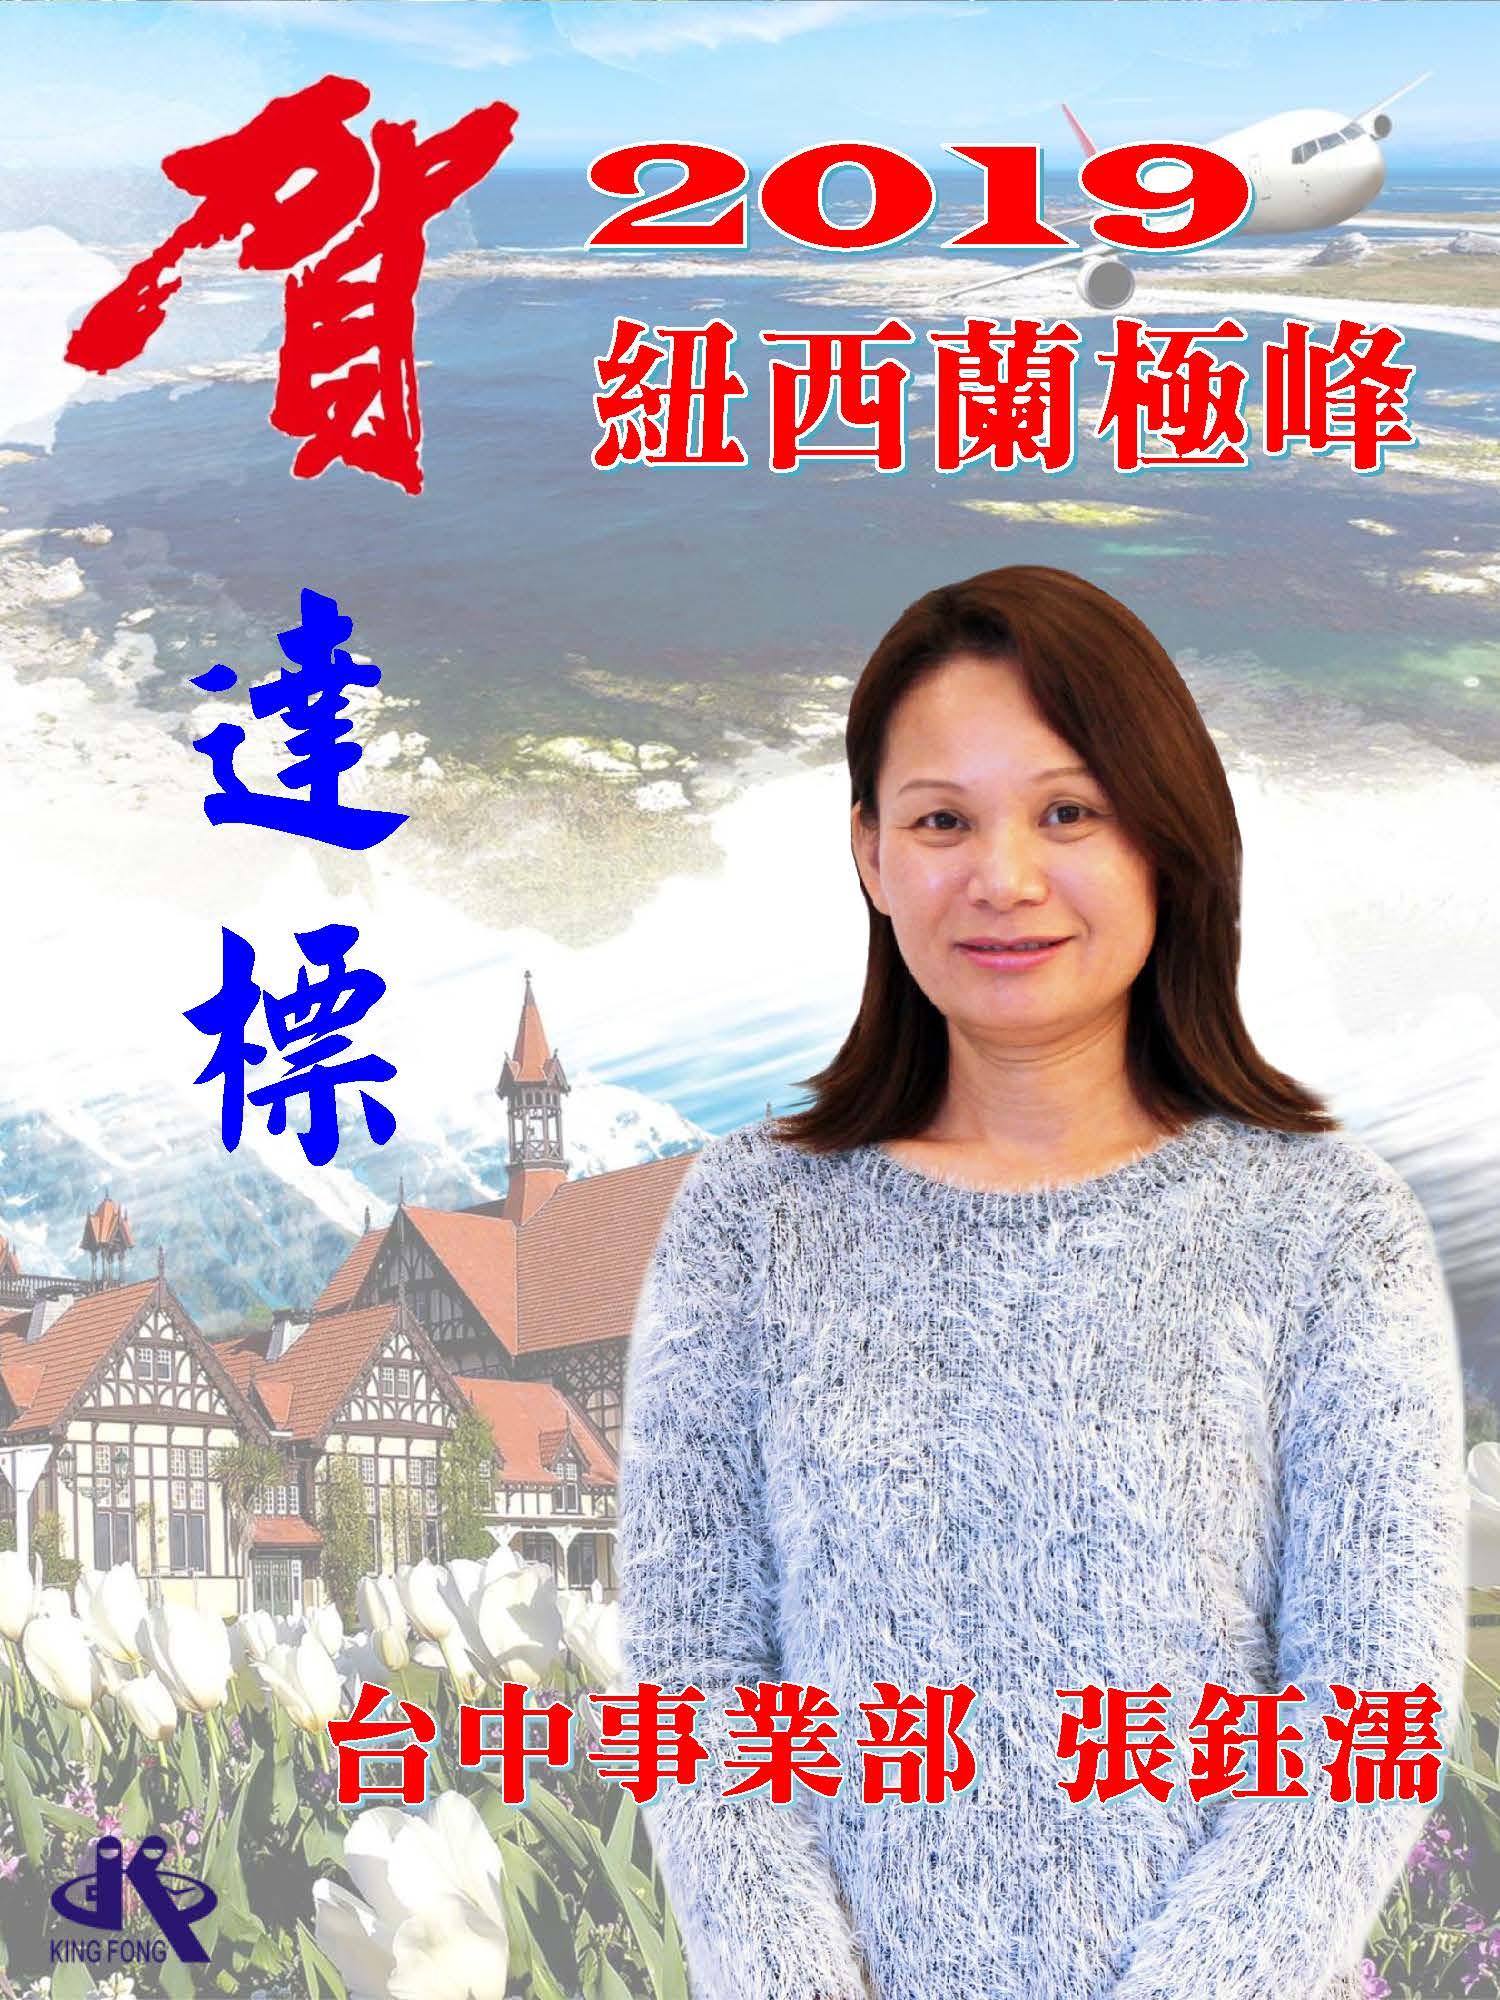 20190724-2019紐西蘭極峰達標-張鈺濡